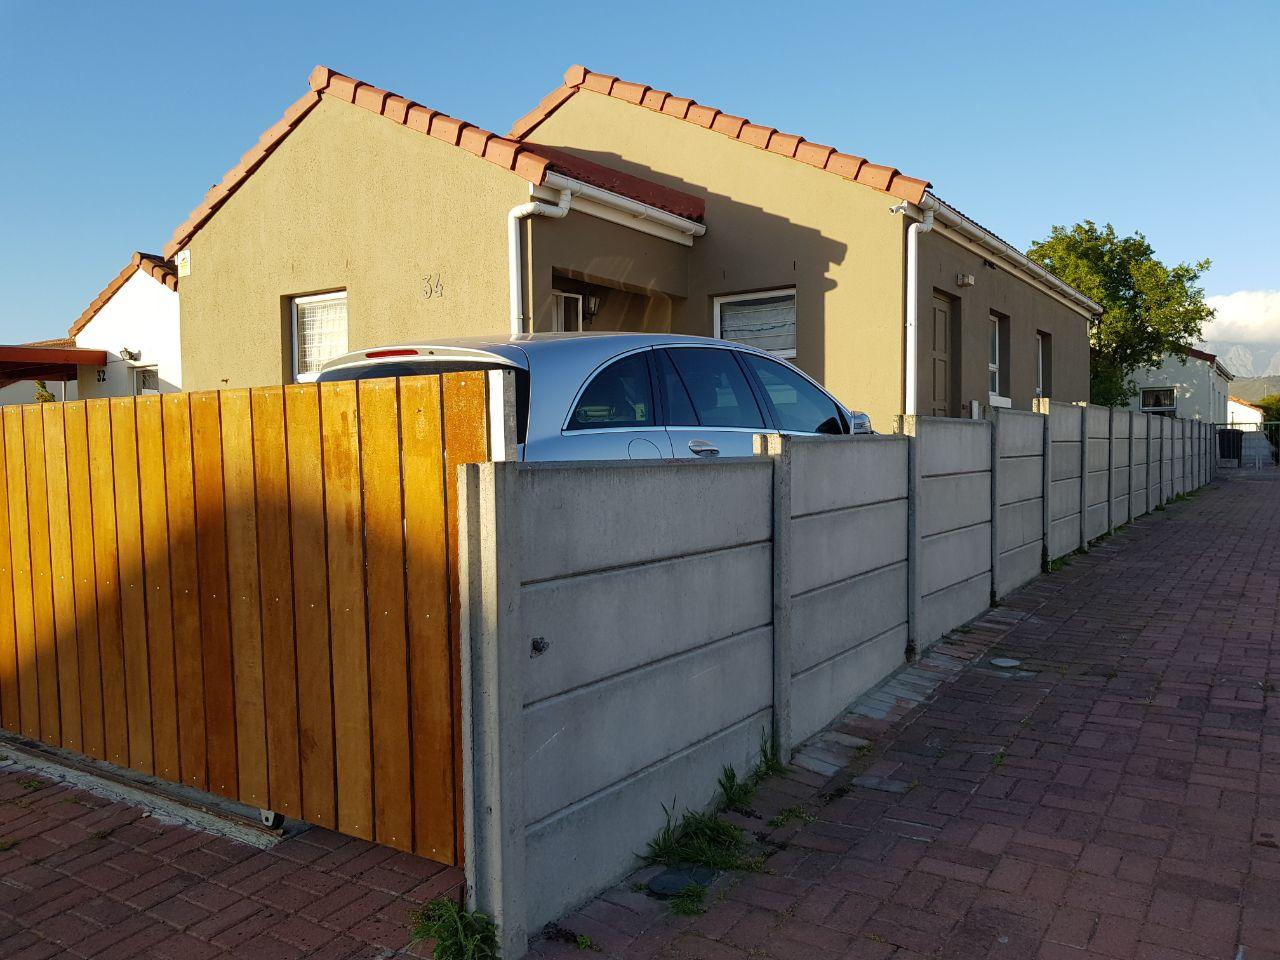 3 BedroomTownhouse For Sale In Broadlands Village